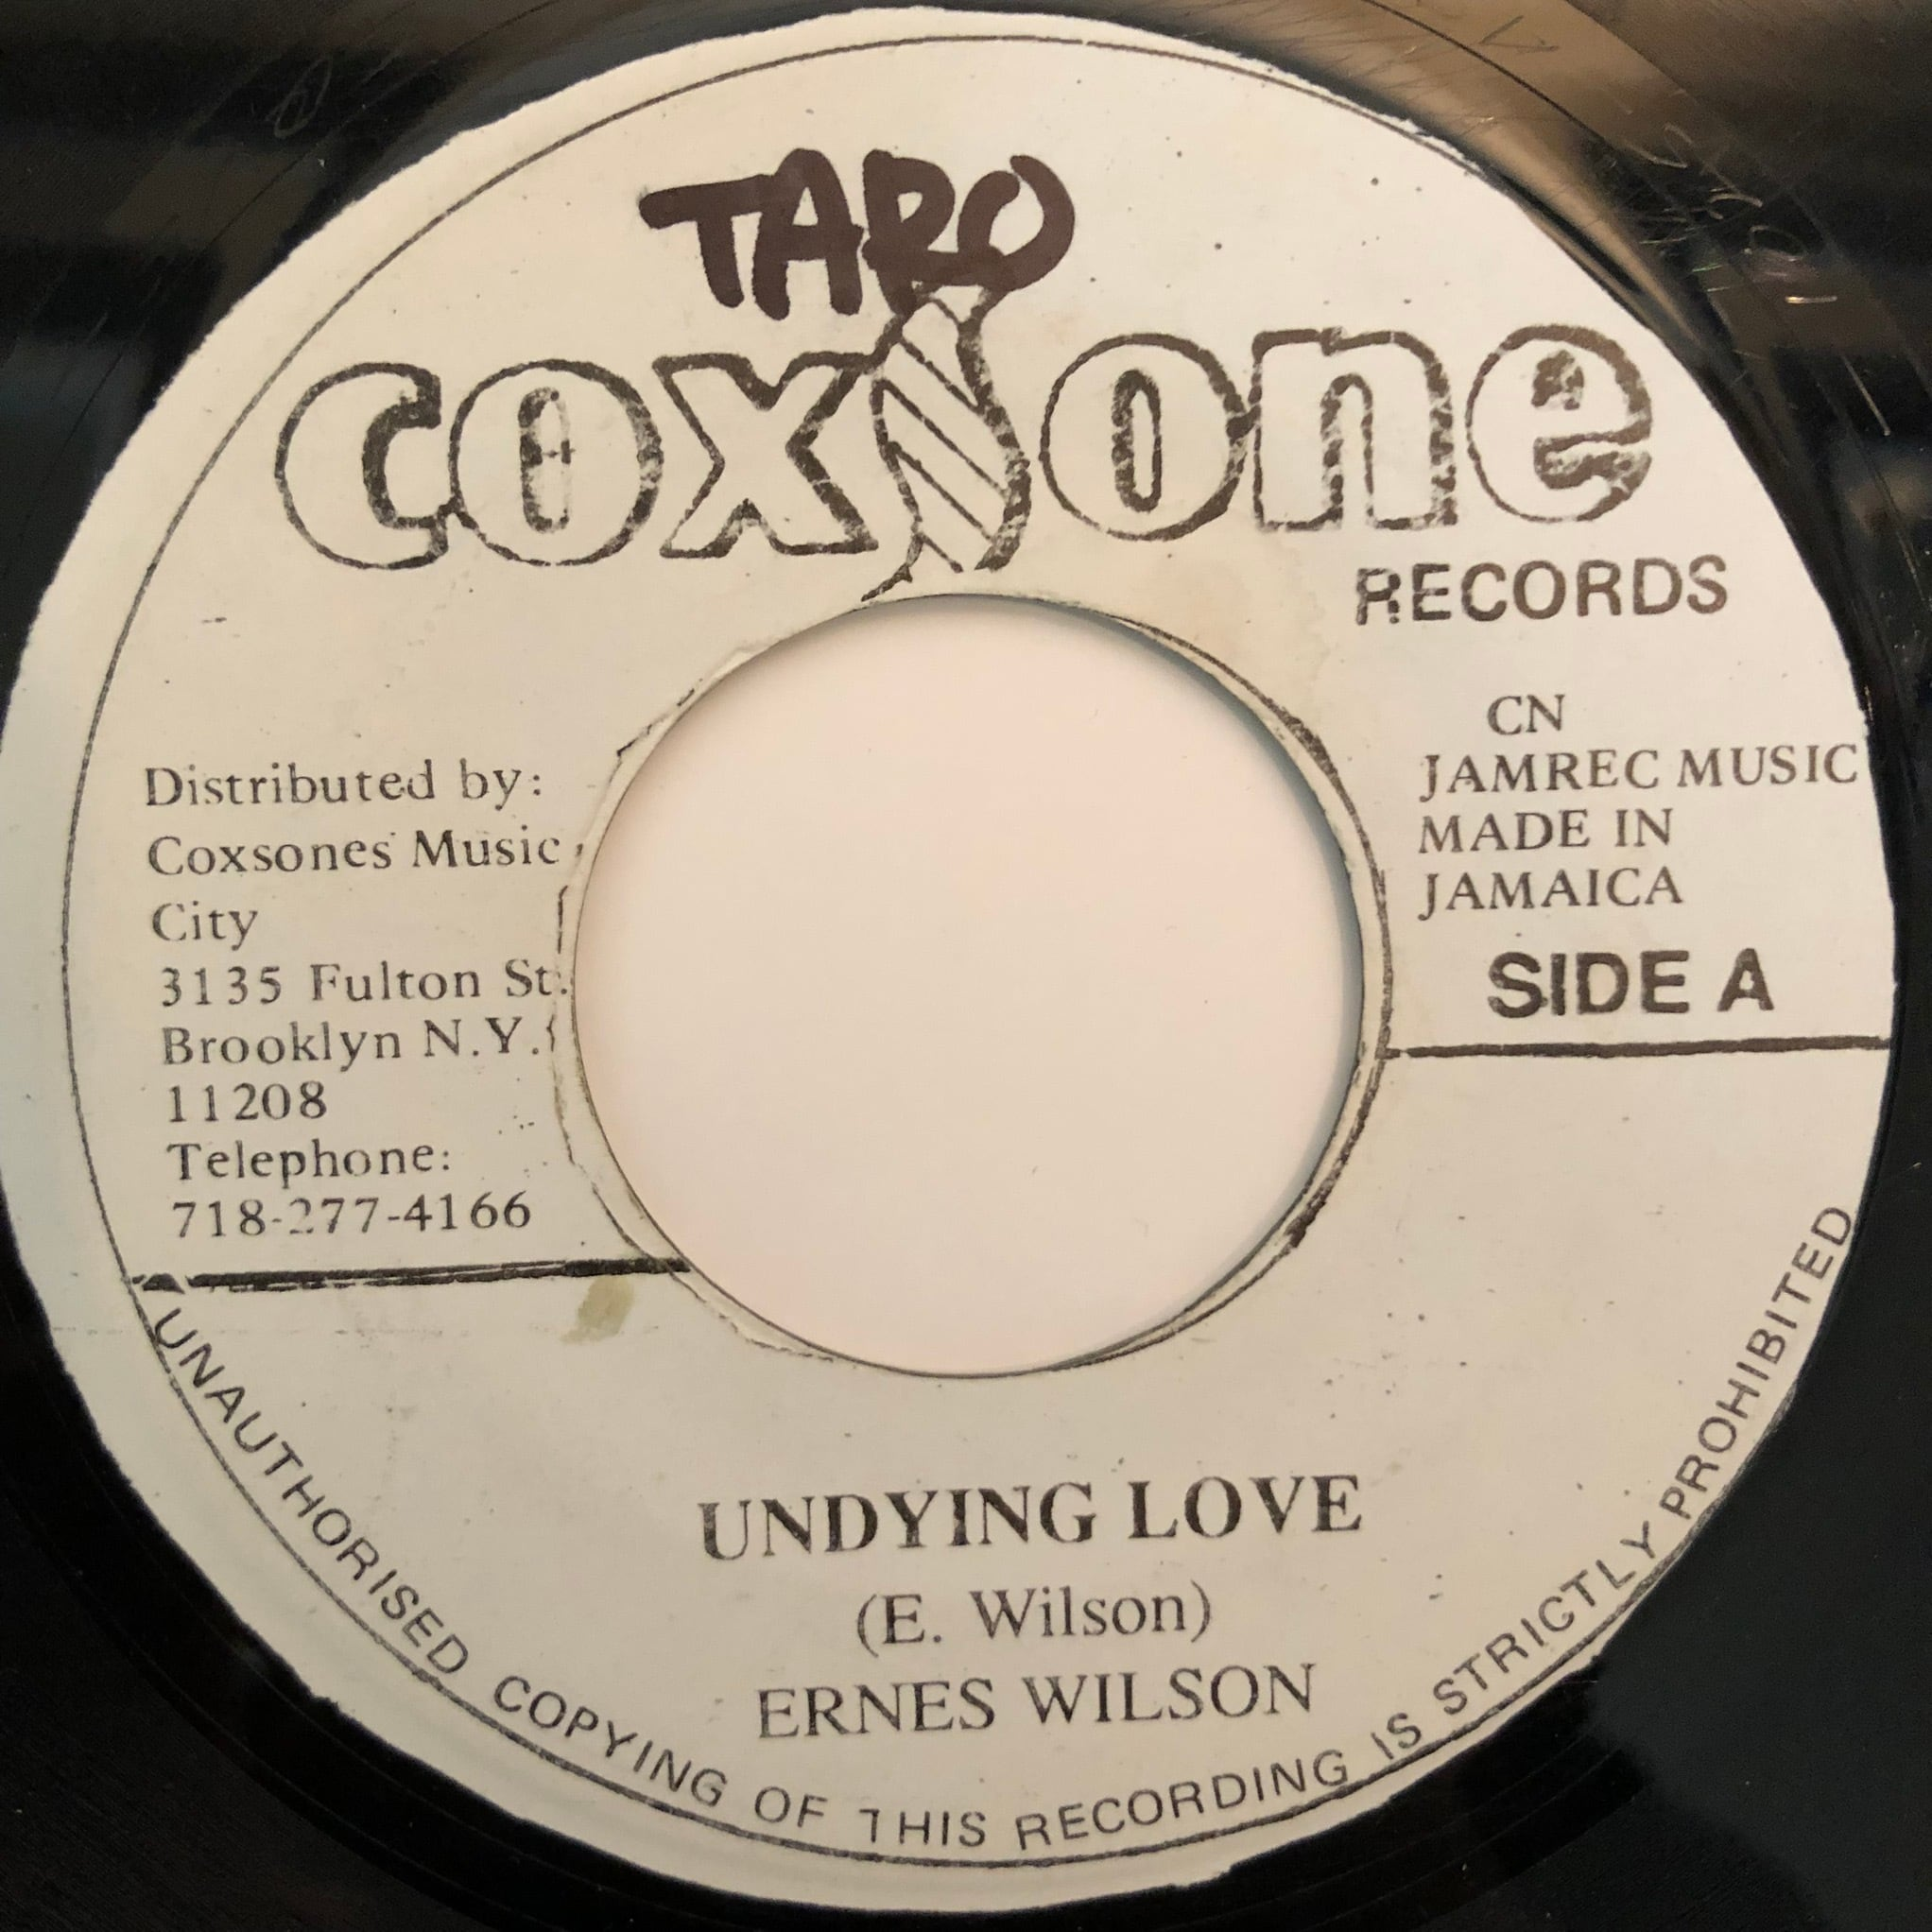 Ernest Wilson - Undying Love【7-20366】